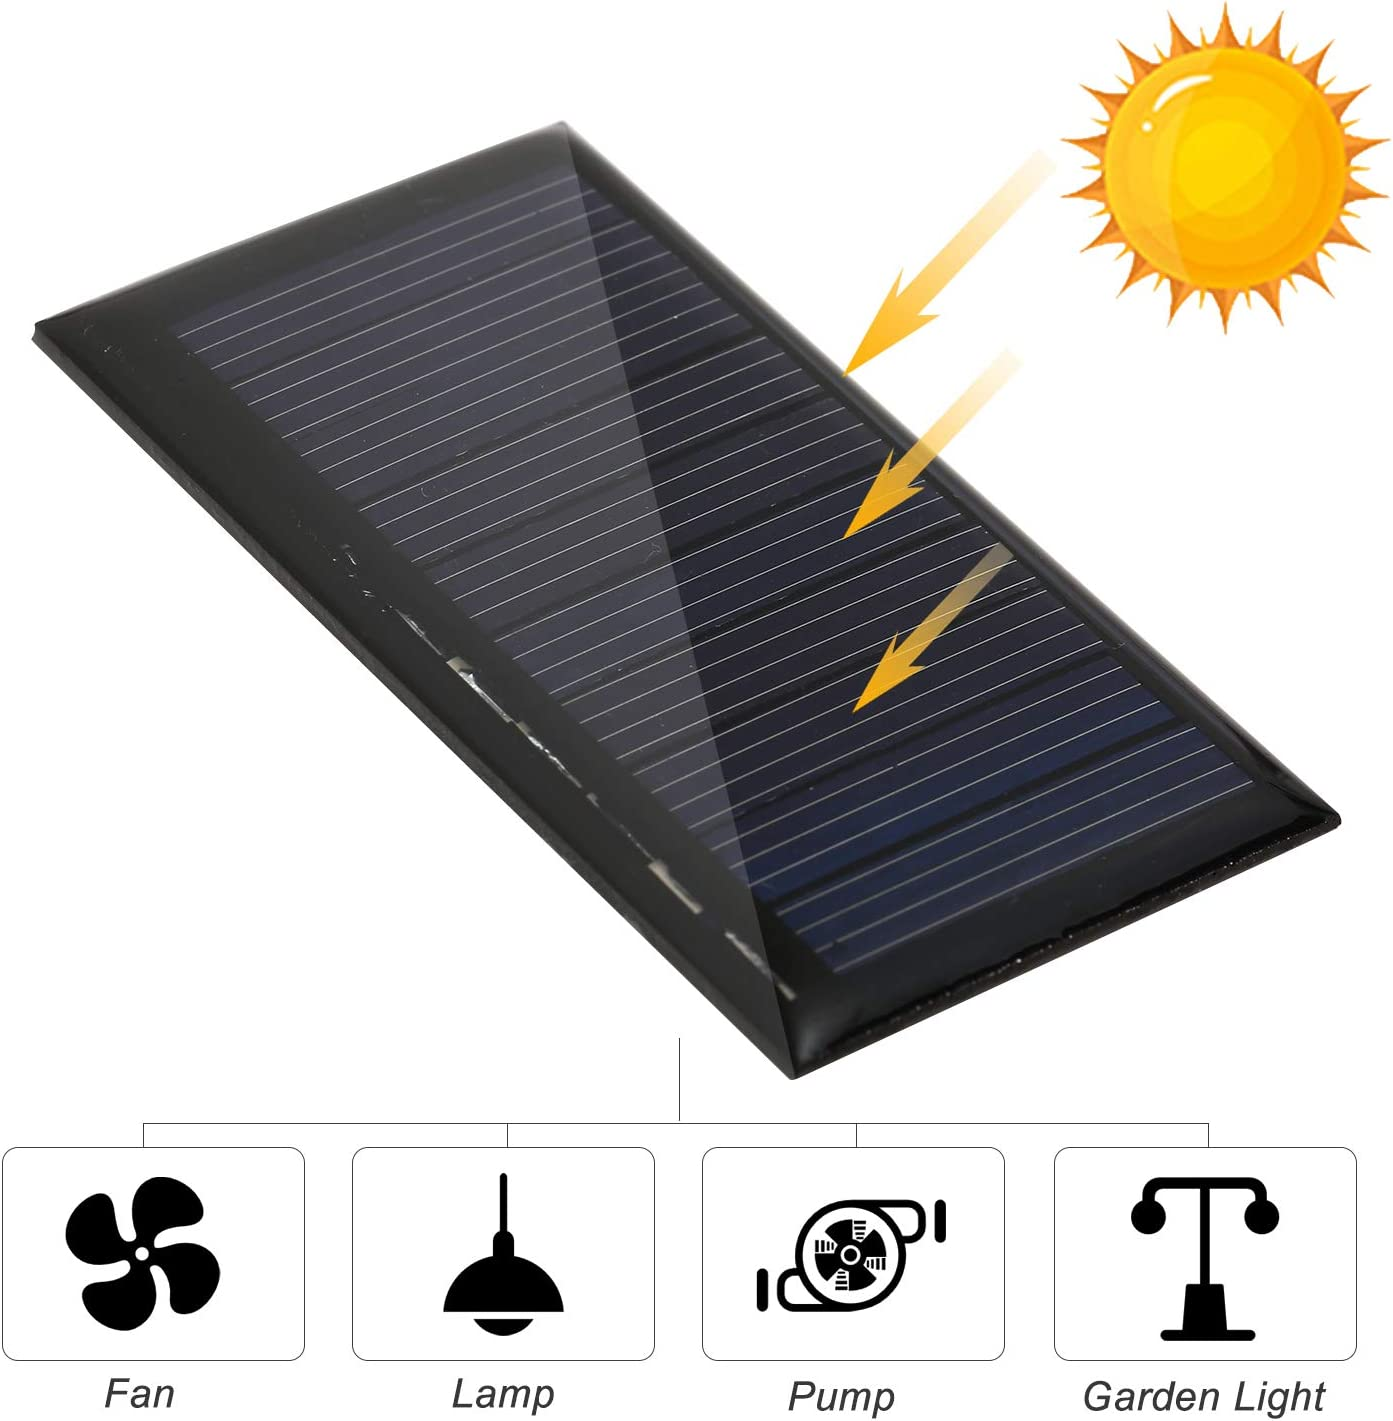 Gecheer Panneau Solaire Module Module Solaire,Solaire Cellule Solaire photovolta/ïque 0.3 W 5 V Panneau Solaire Id/éal Batterie Ext/érieur pour Jardin 3.7 V Batterie Jouets Lampe Pompe de Ventilateur